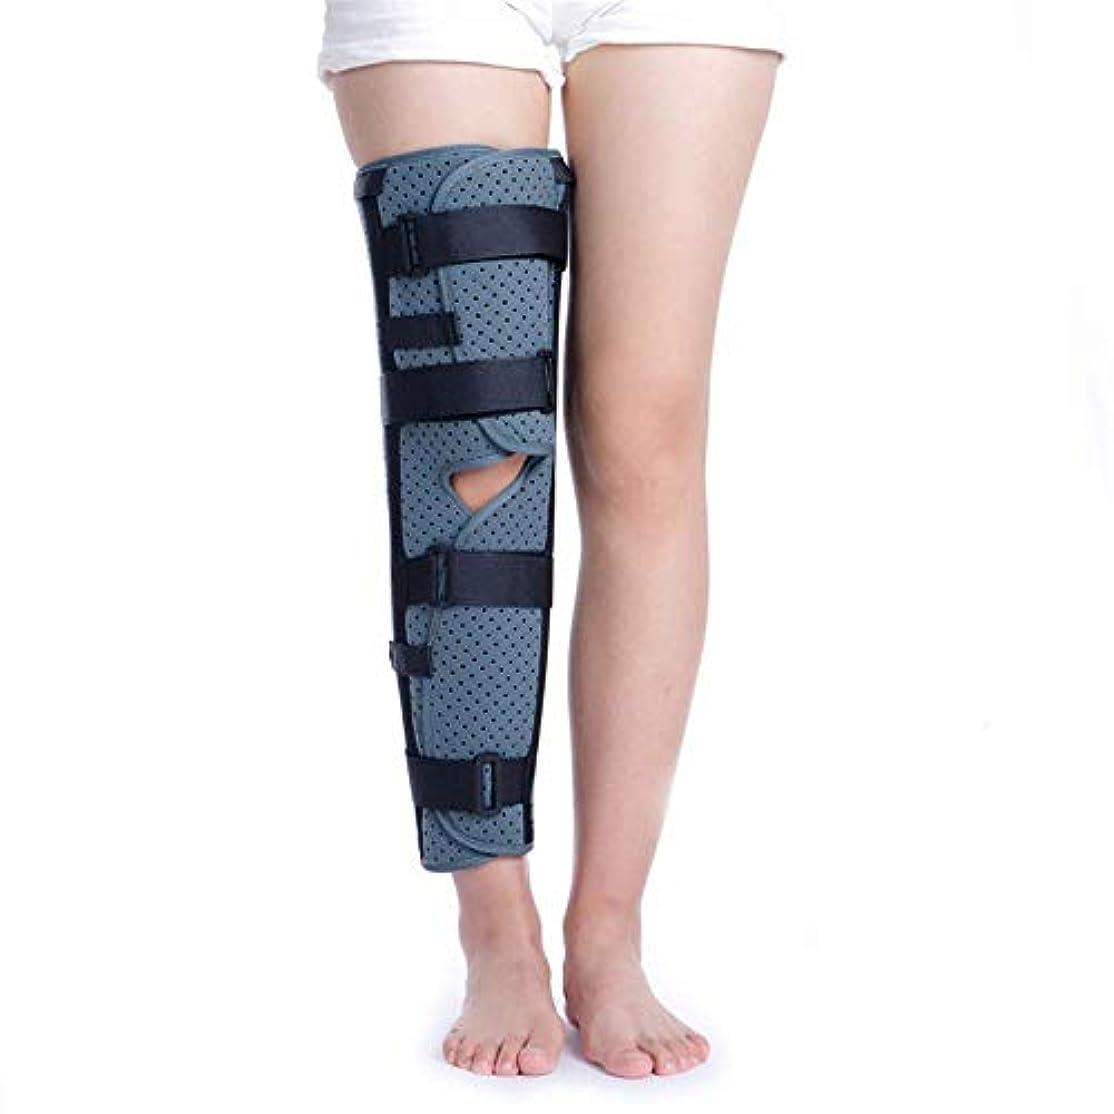 言うまでもなくフォーマット内向き圧迫膝のサポート、関節炎のための膝装具サポート、ACL、関節の痛みの軽減、半月板の涙、より速い傷害回復